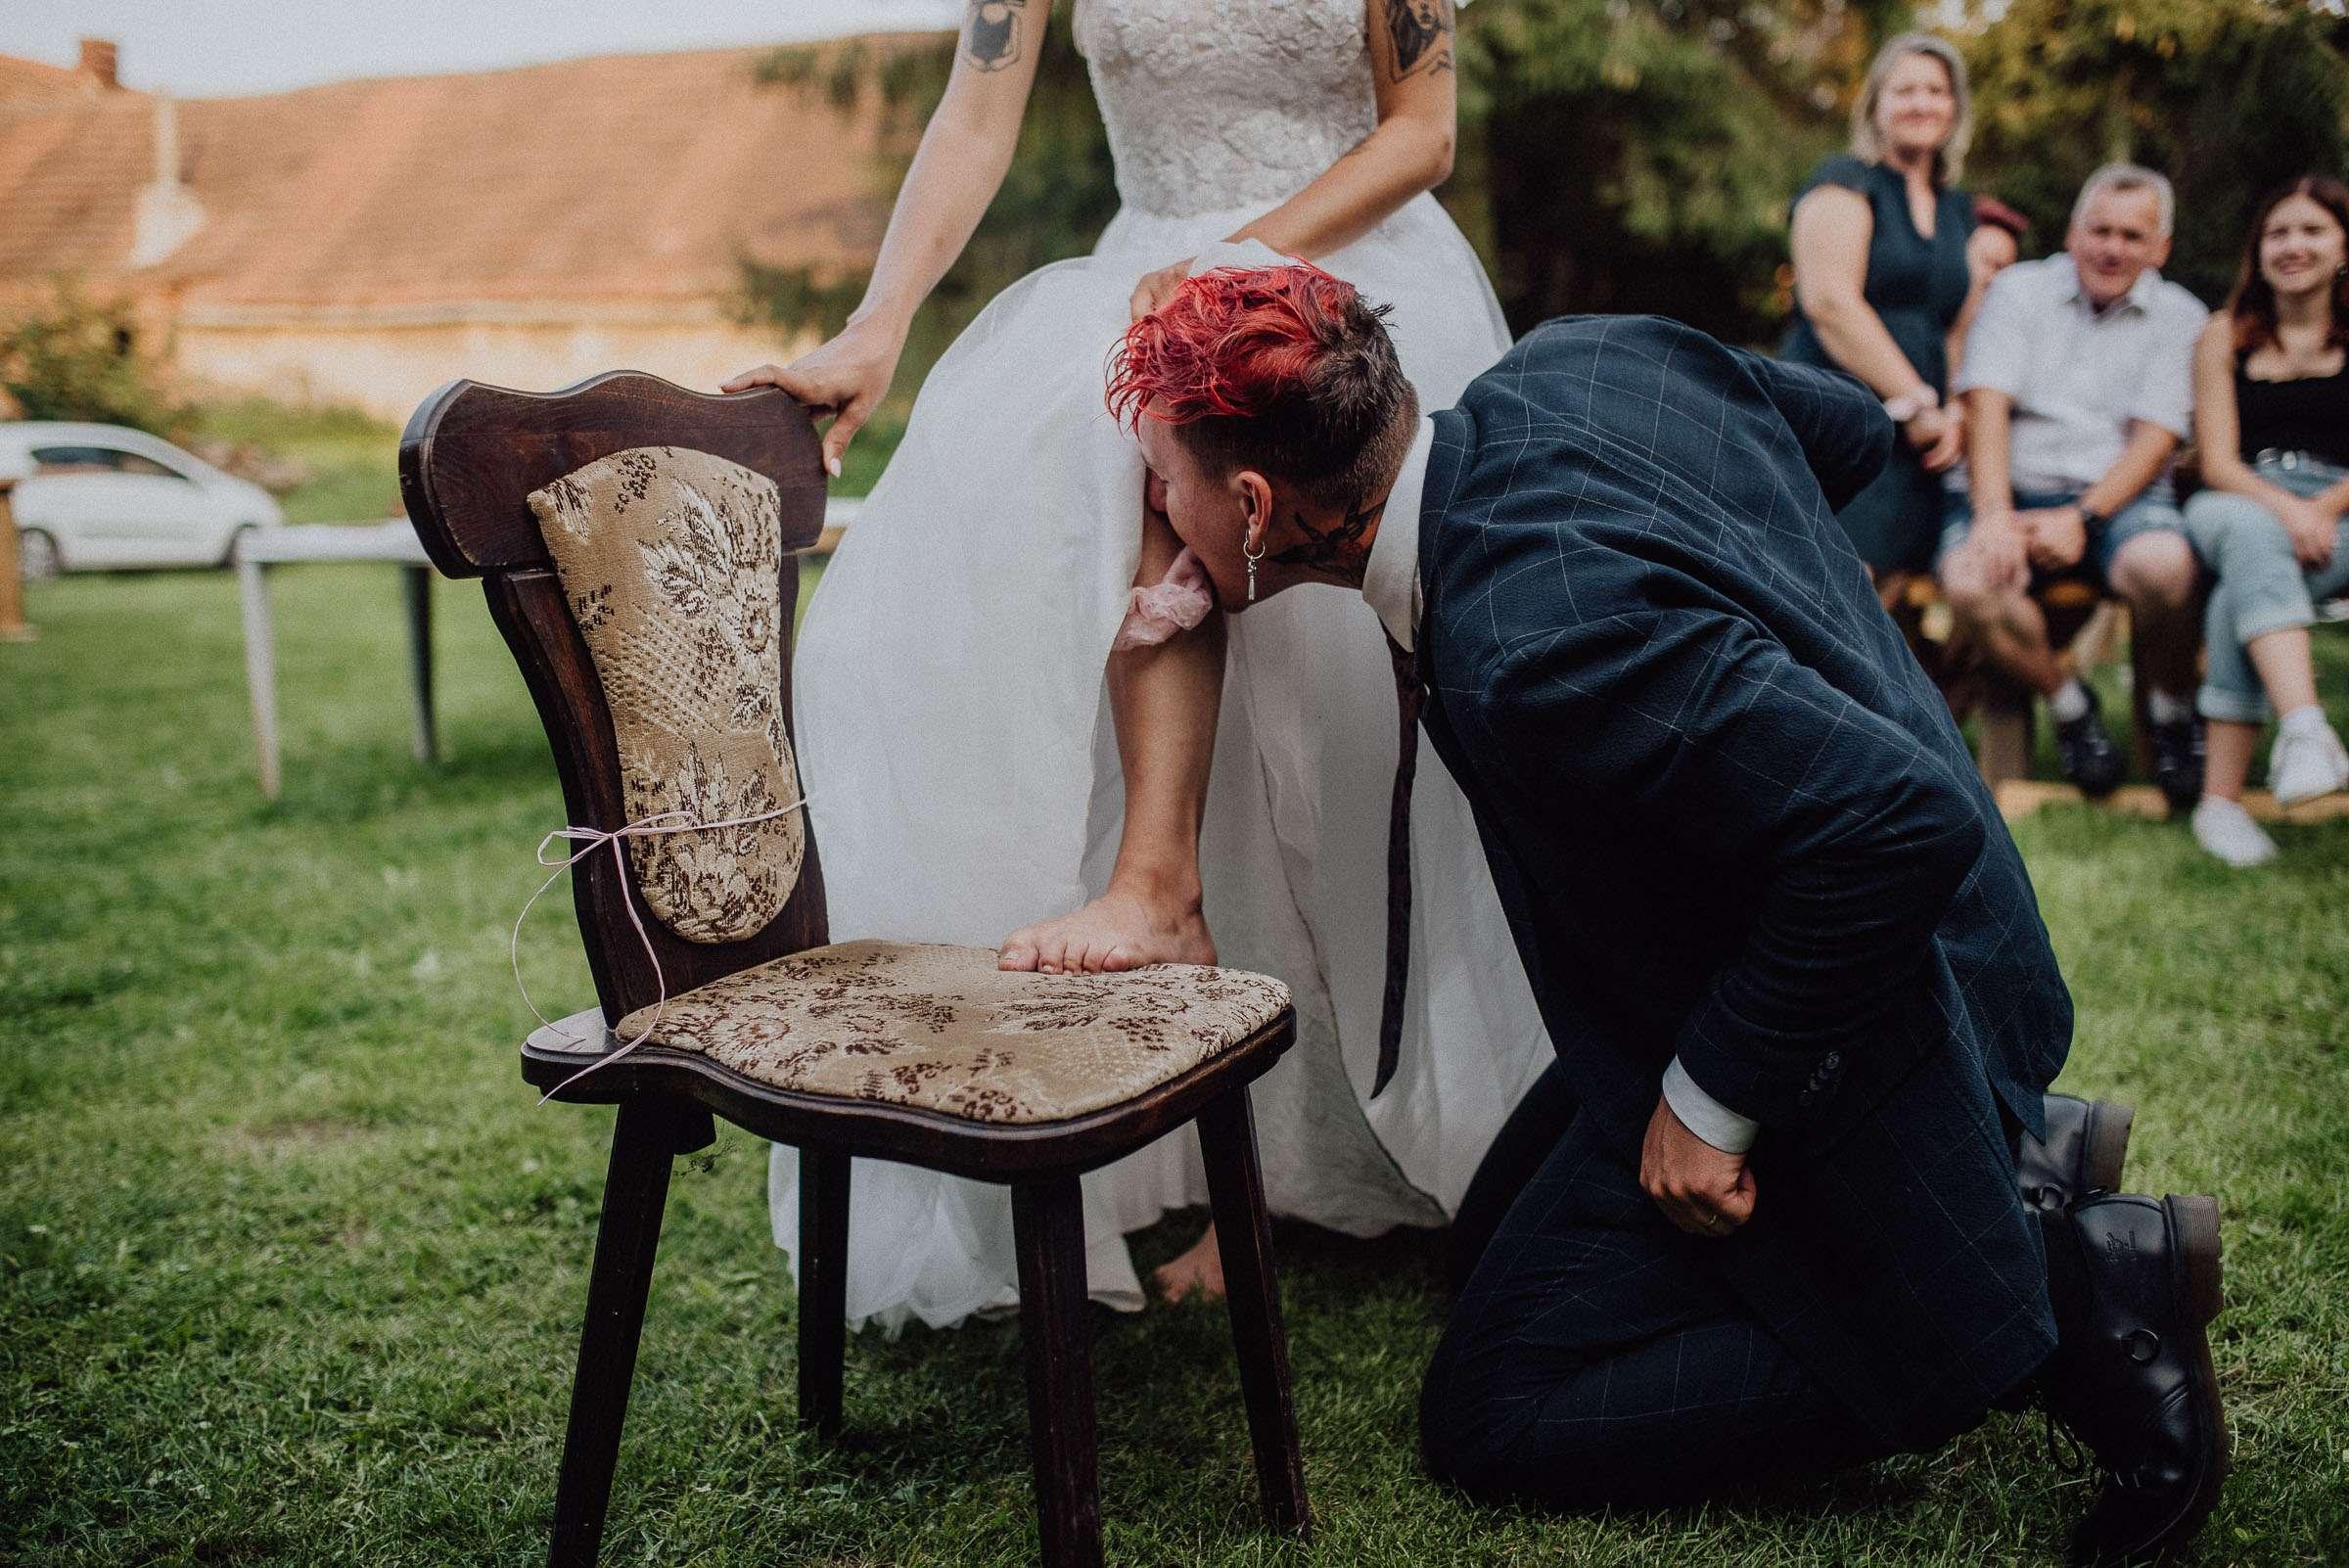 Ženich sundává nevěstě pusou podvazek